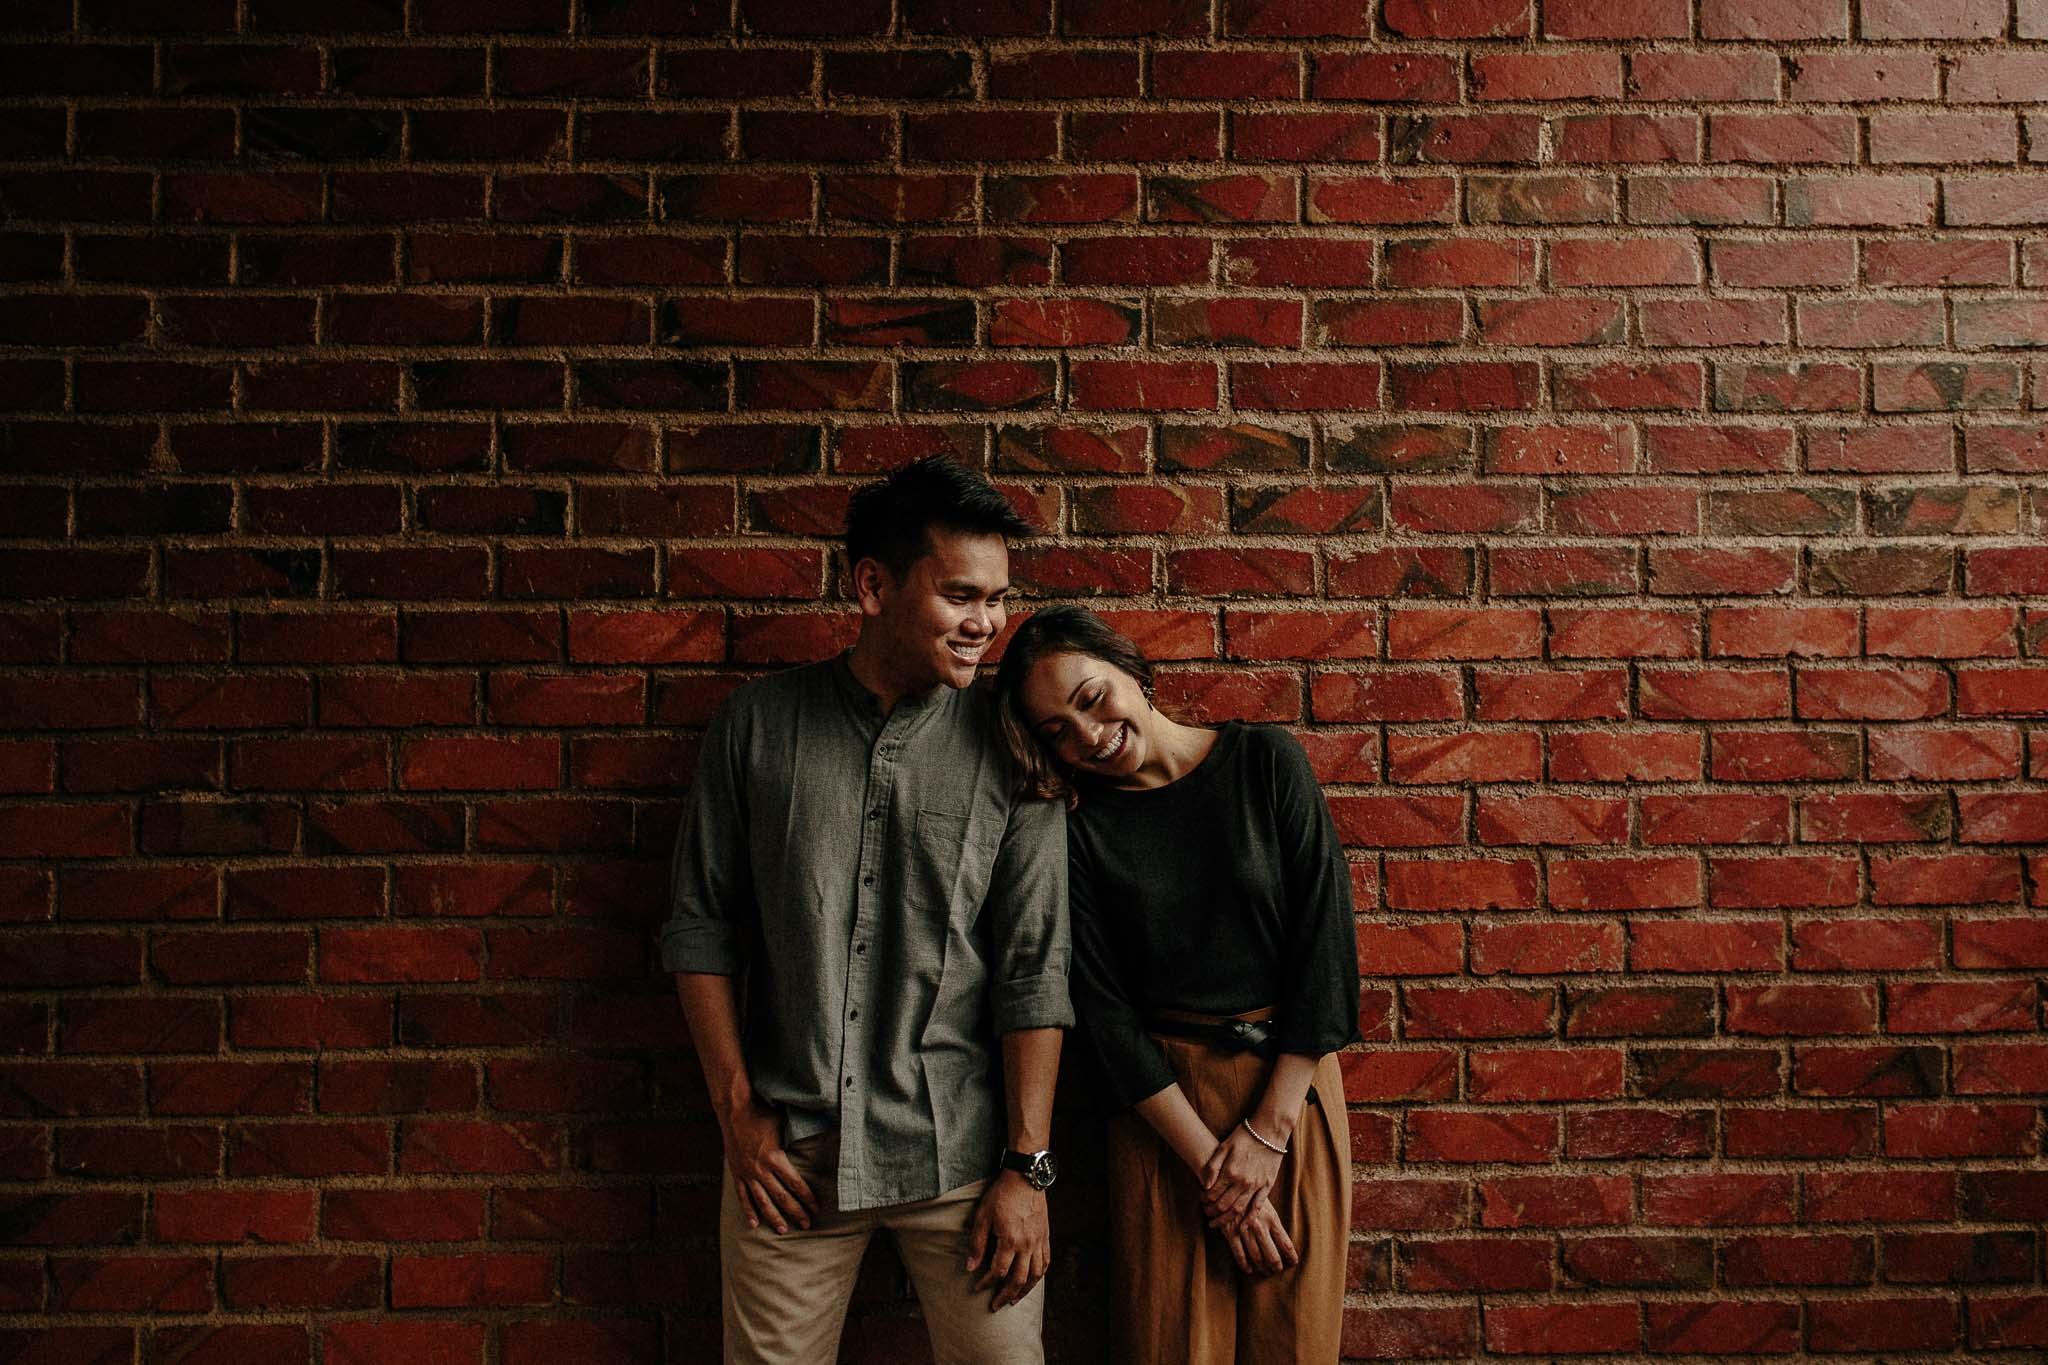 qila&elyas-weddingsbyqay-lovesession (40 of 297).jpg